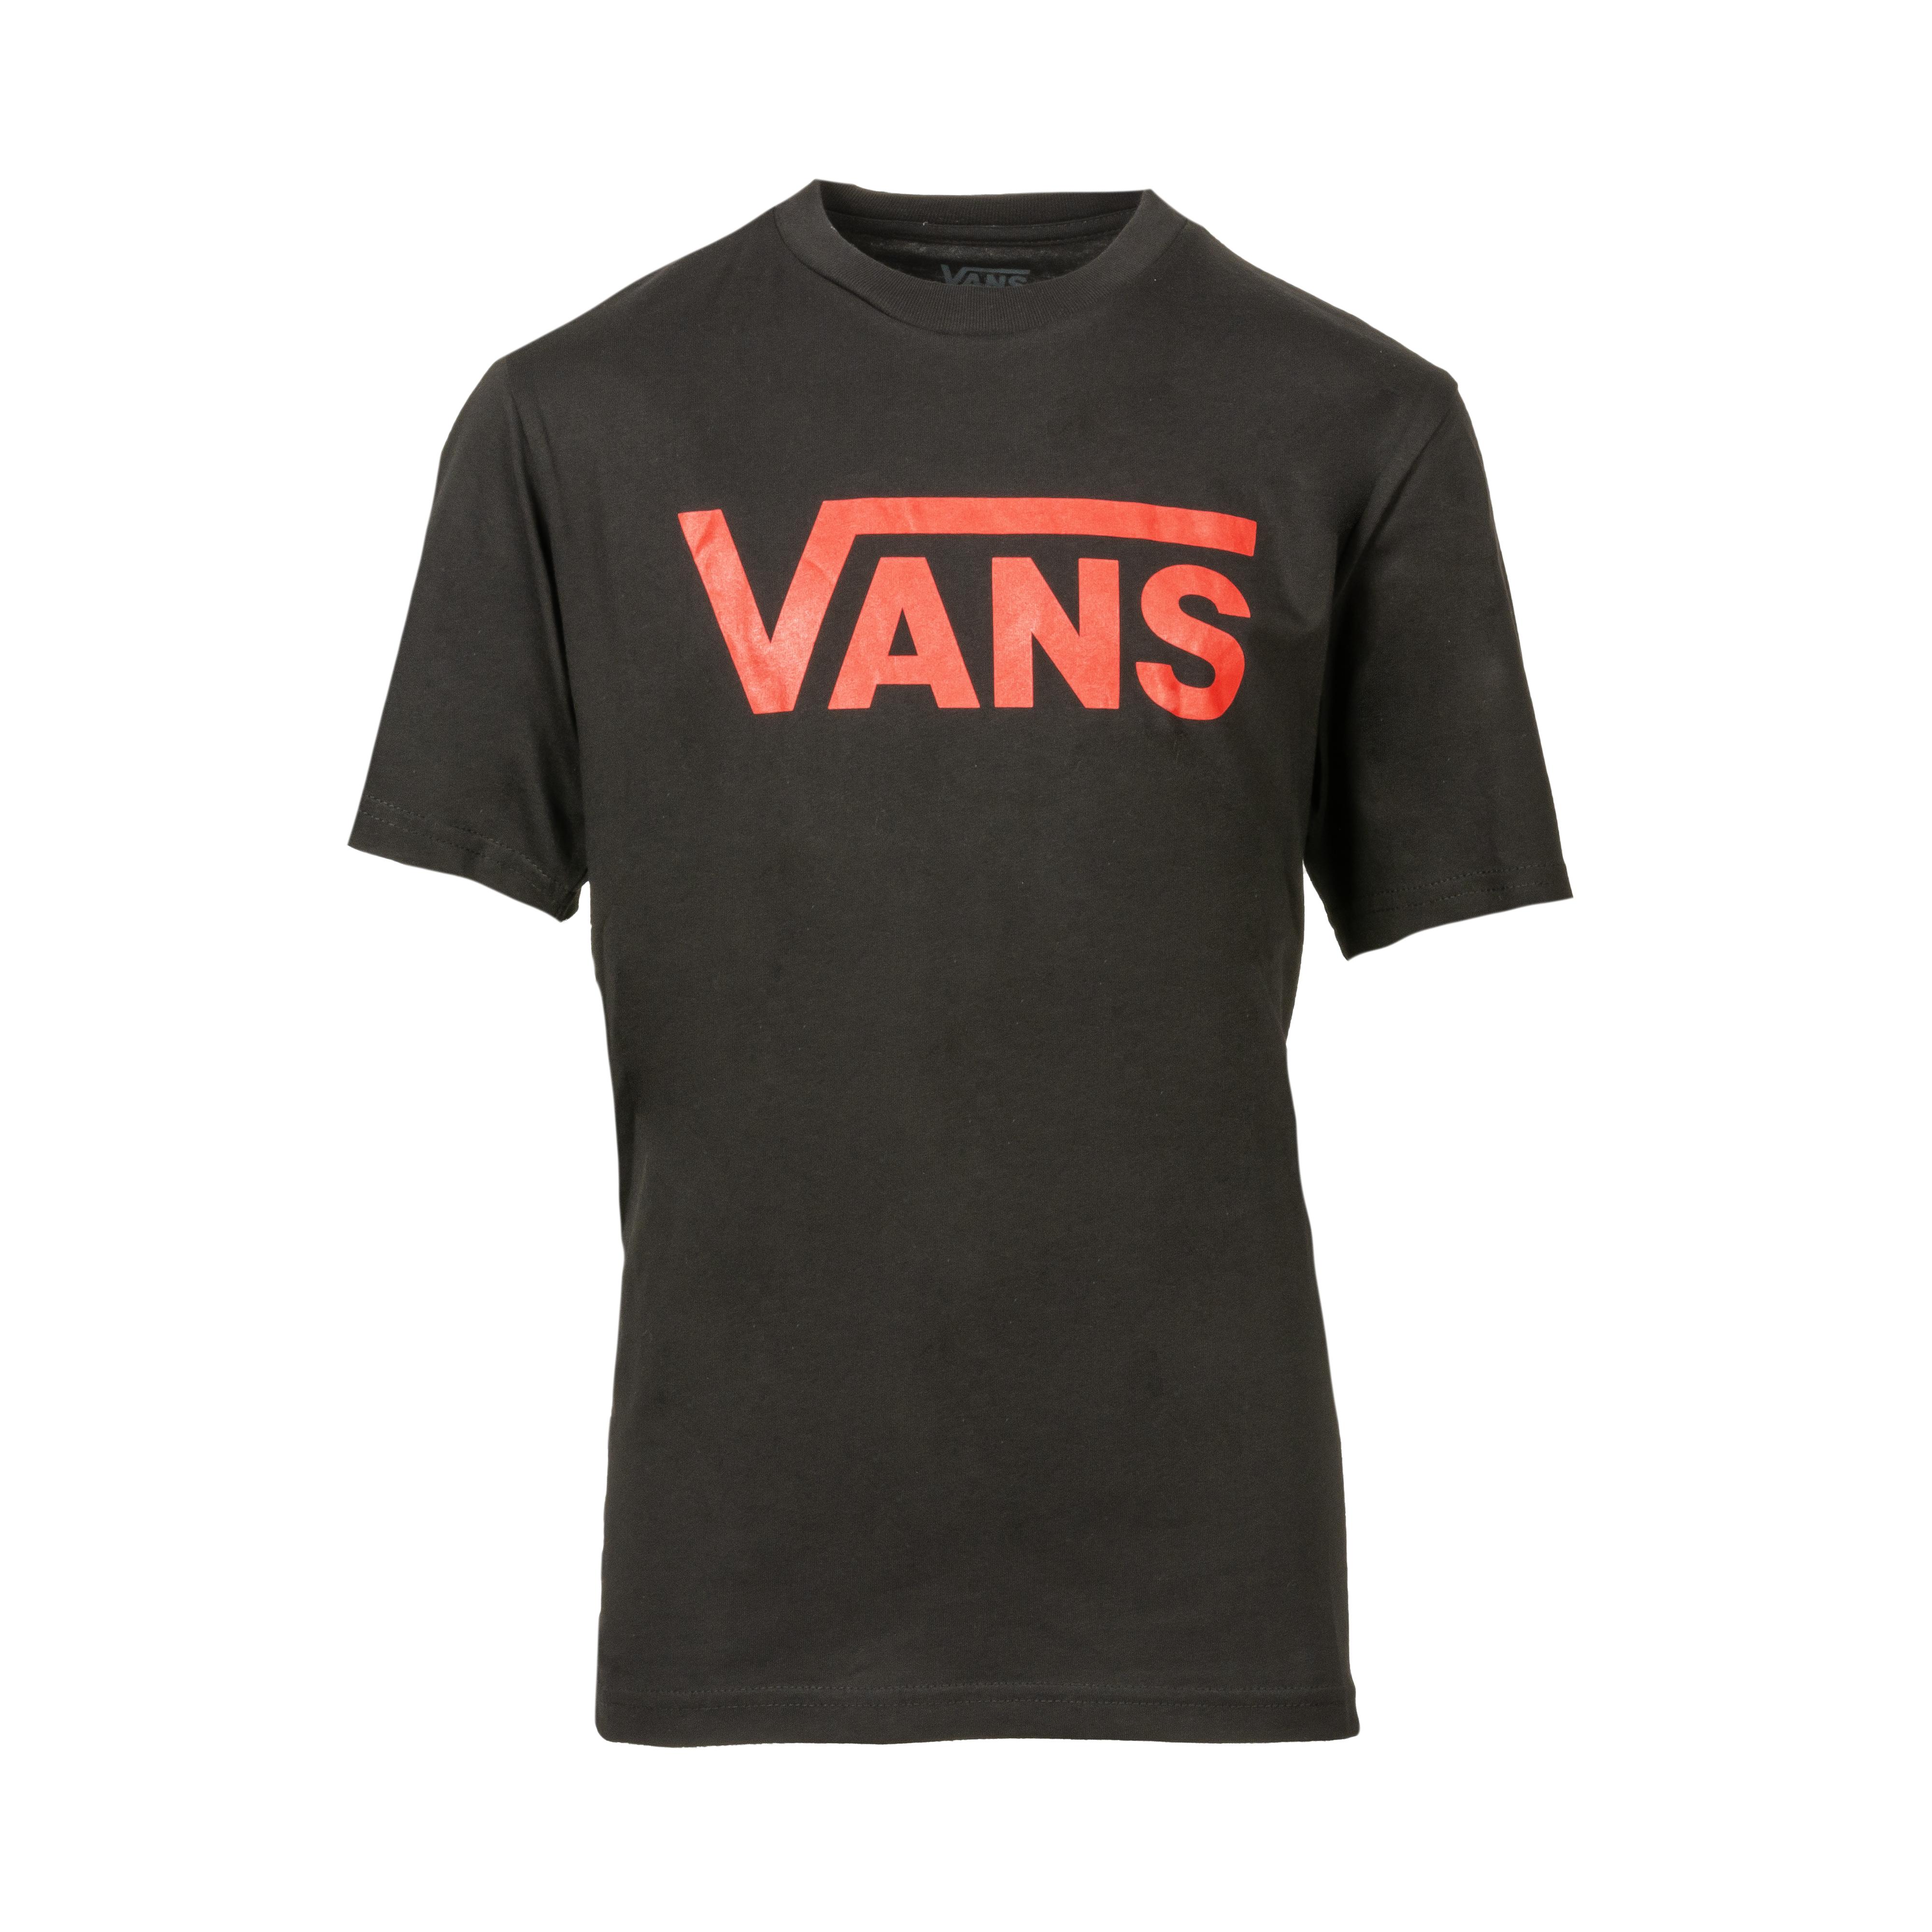 Tee-shirt col rond  classic boys en coton noir floqué en rouge